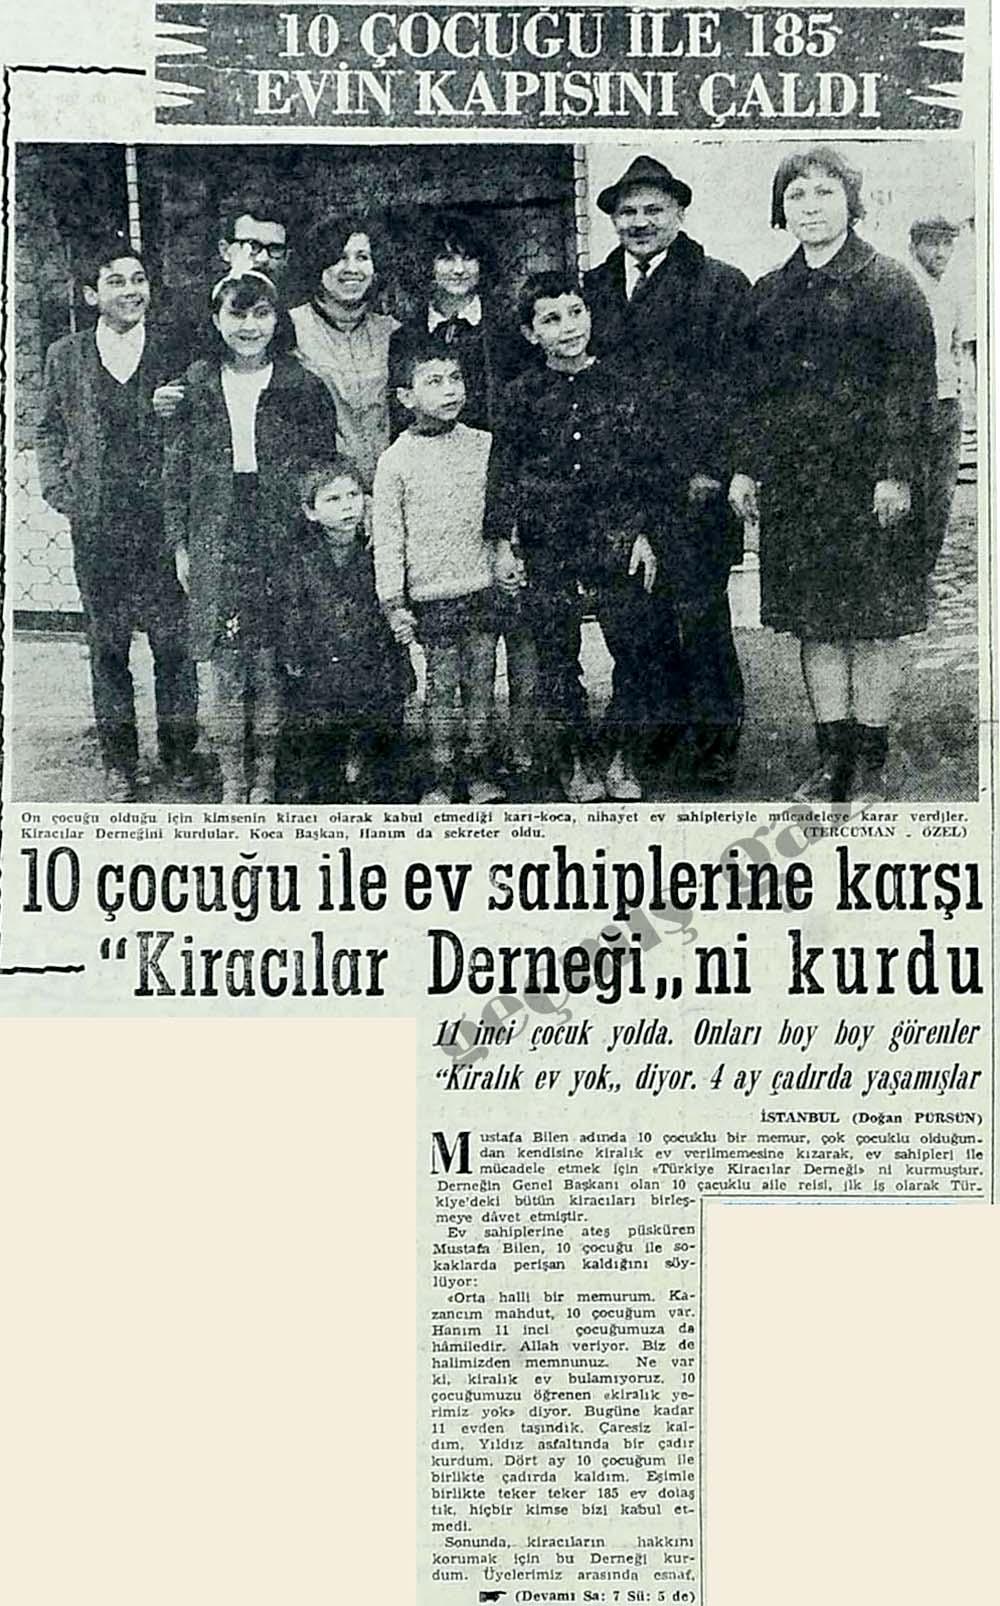 """10 çocuğu ile ev sahiplerine karşı """"Kiracılar Derneği""""ni kurdu"""